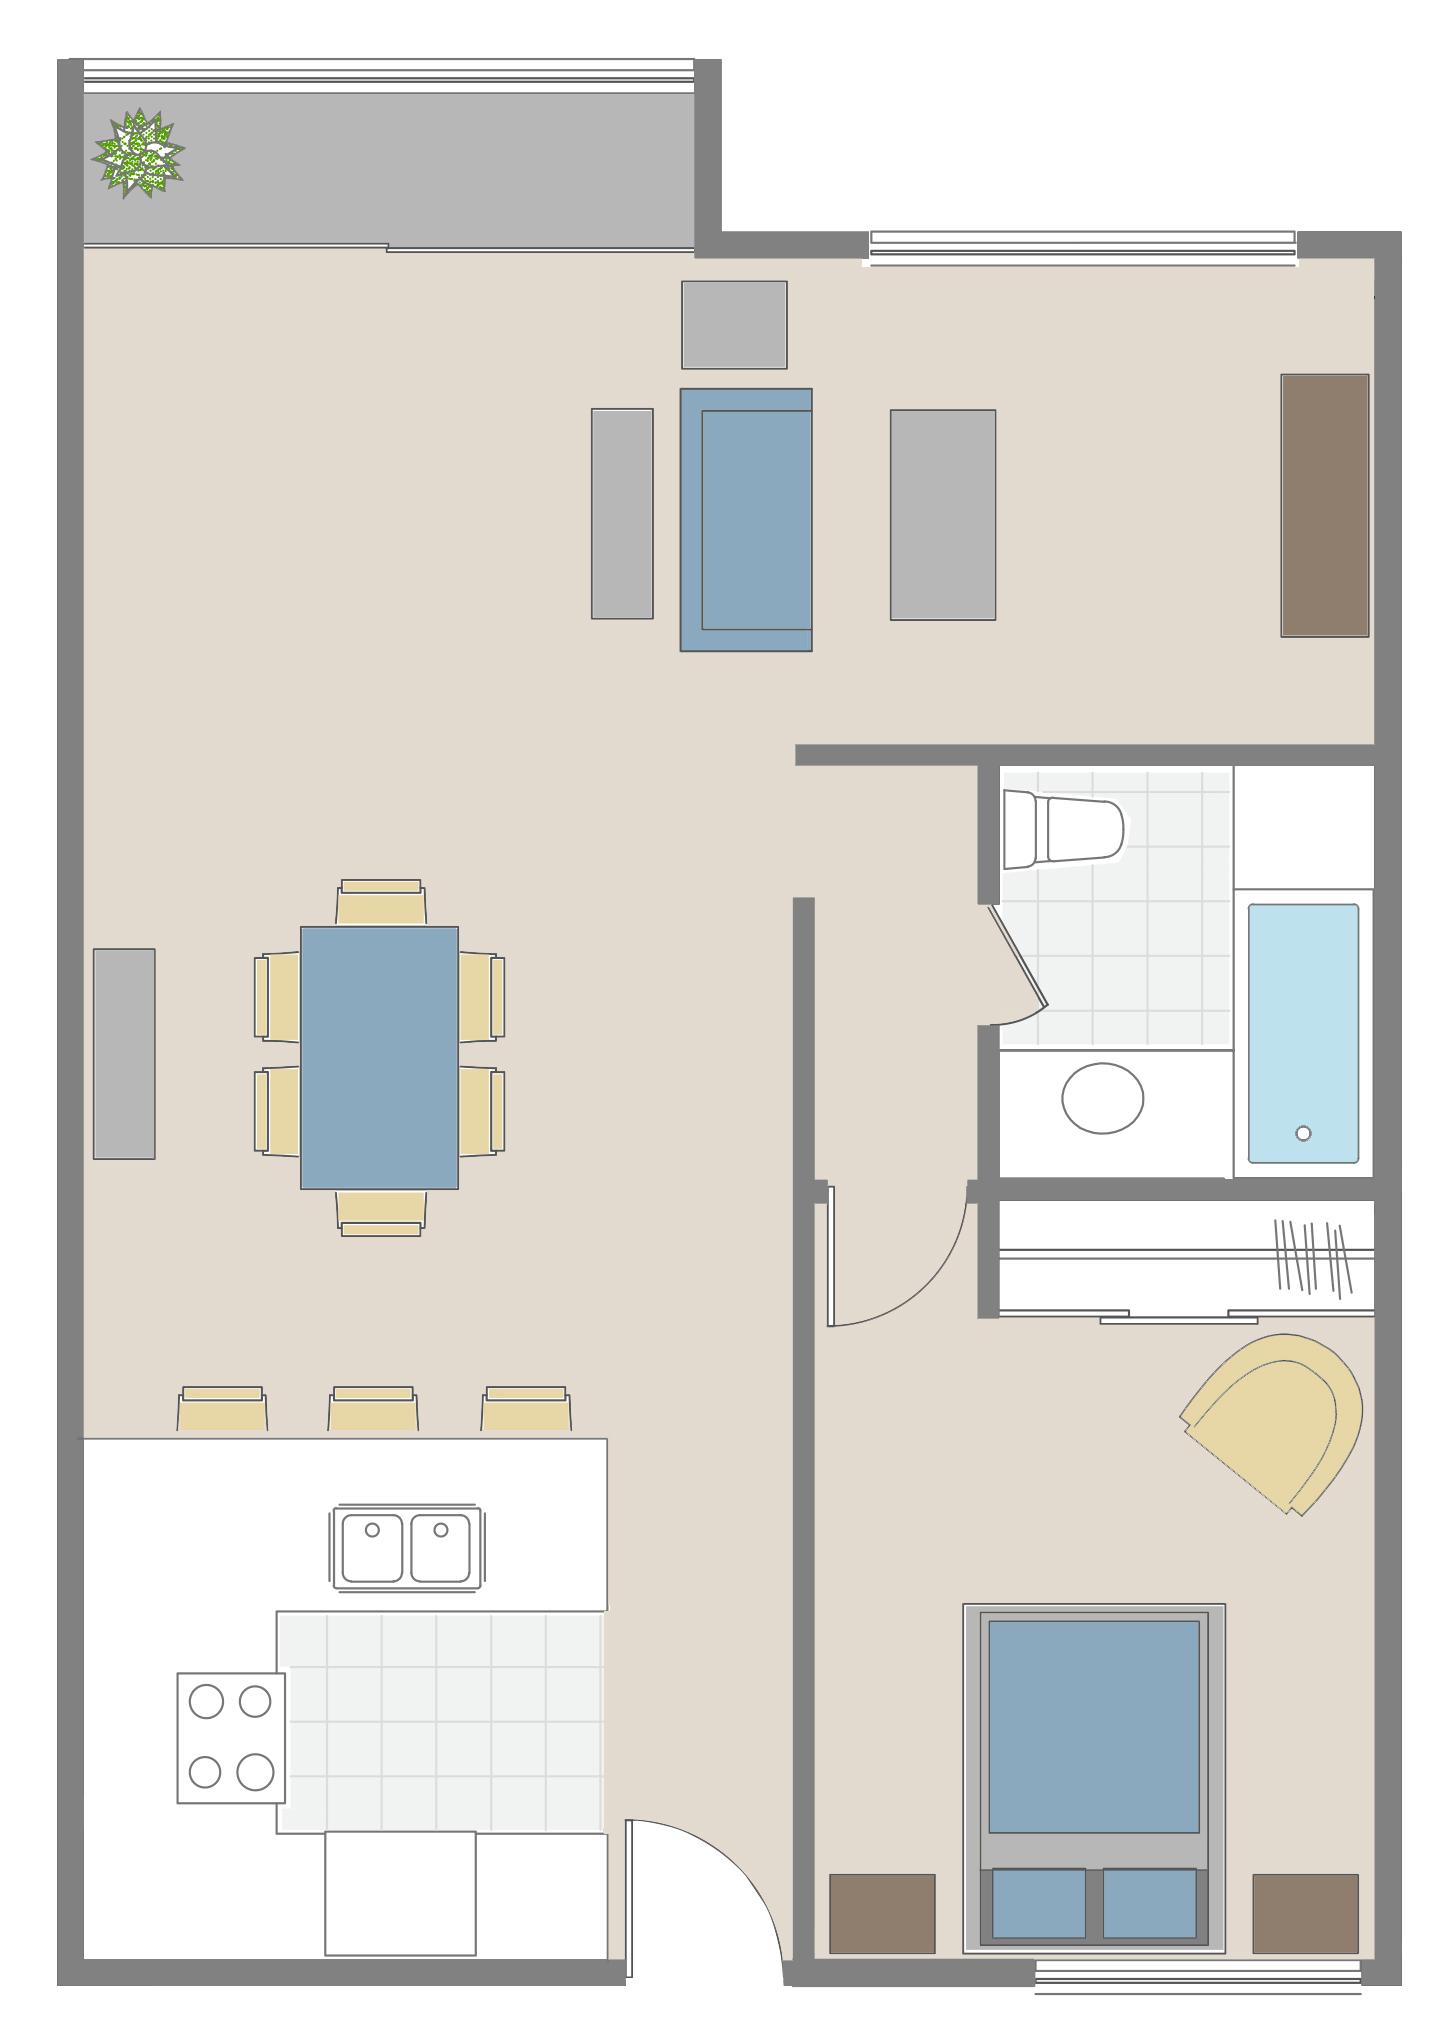 One bedroom + den floor plan